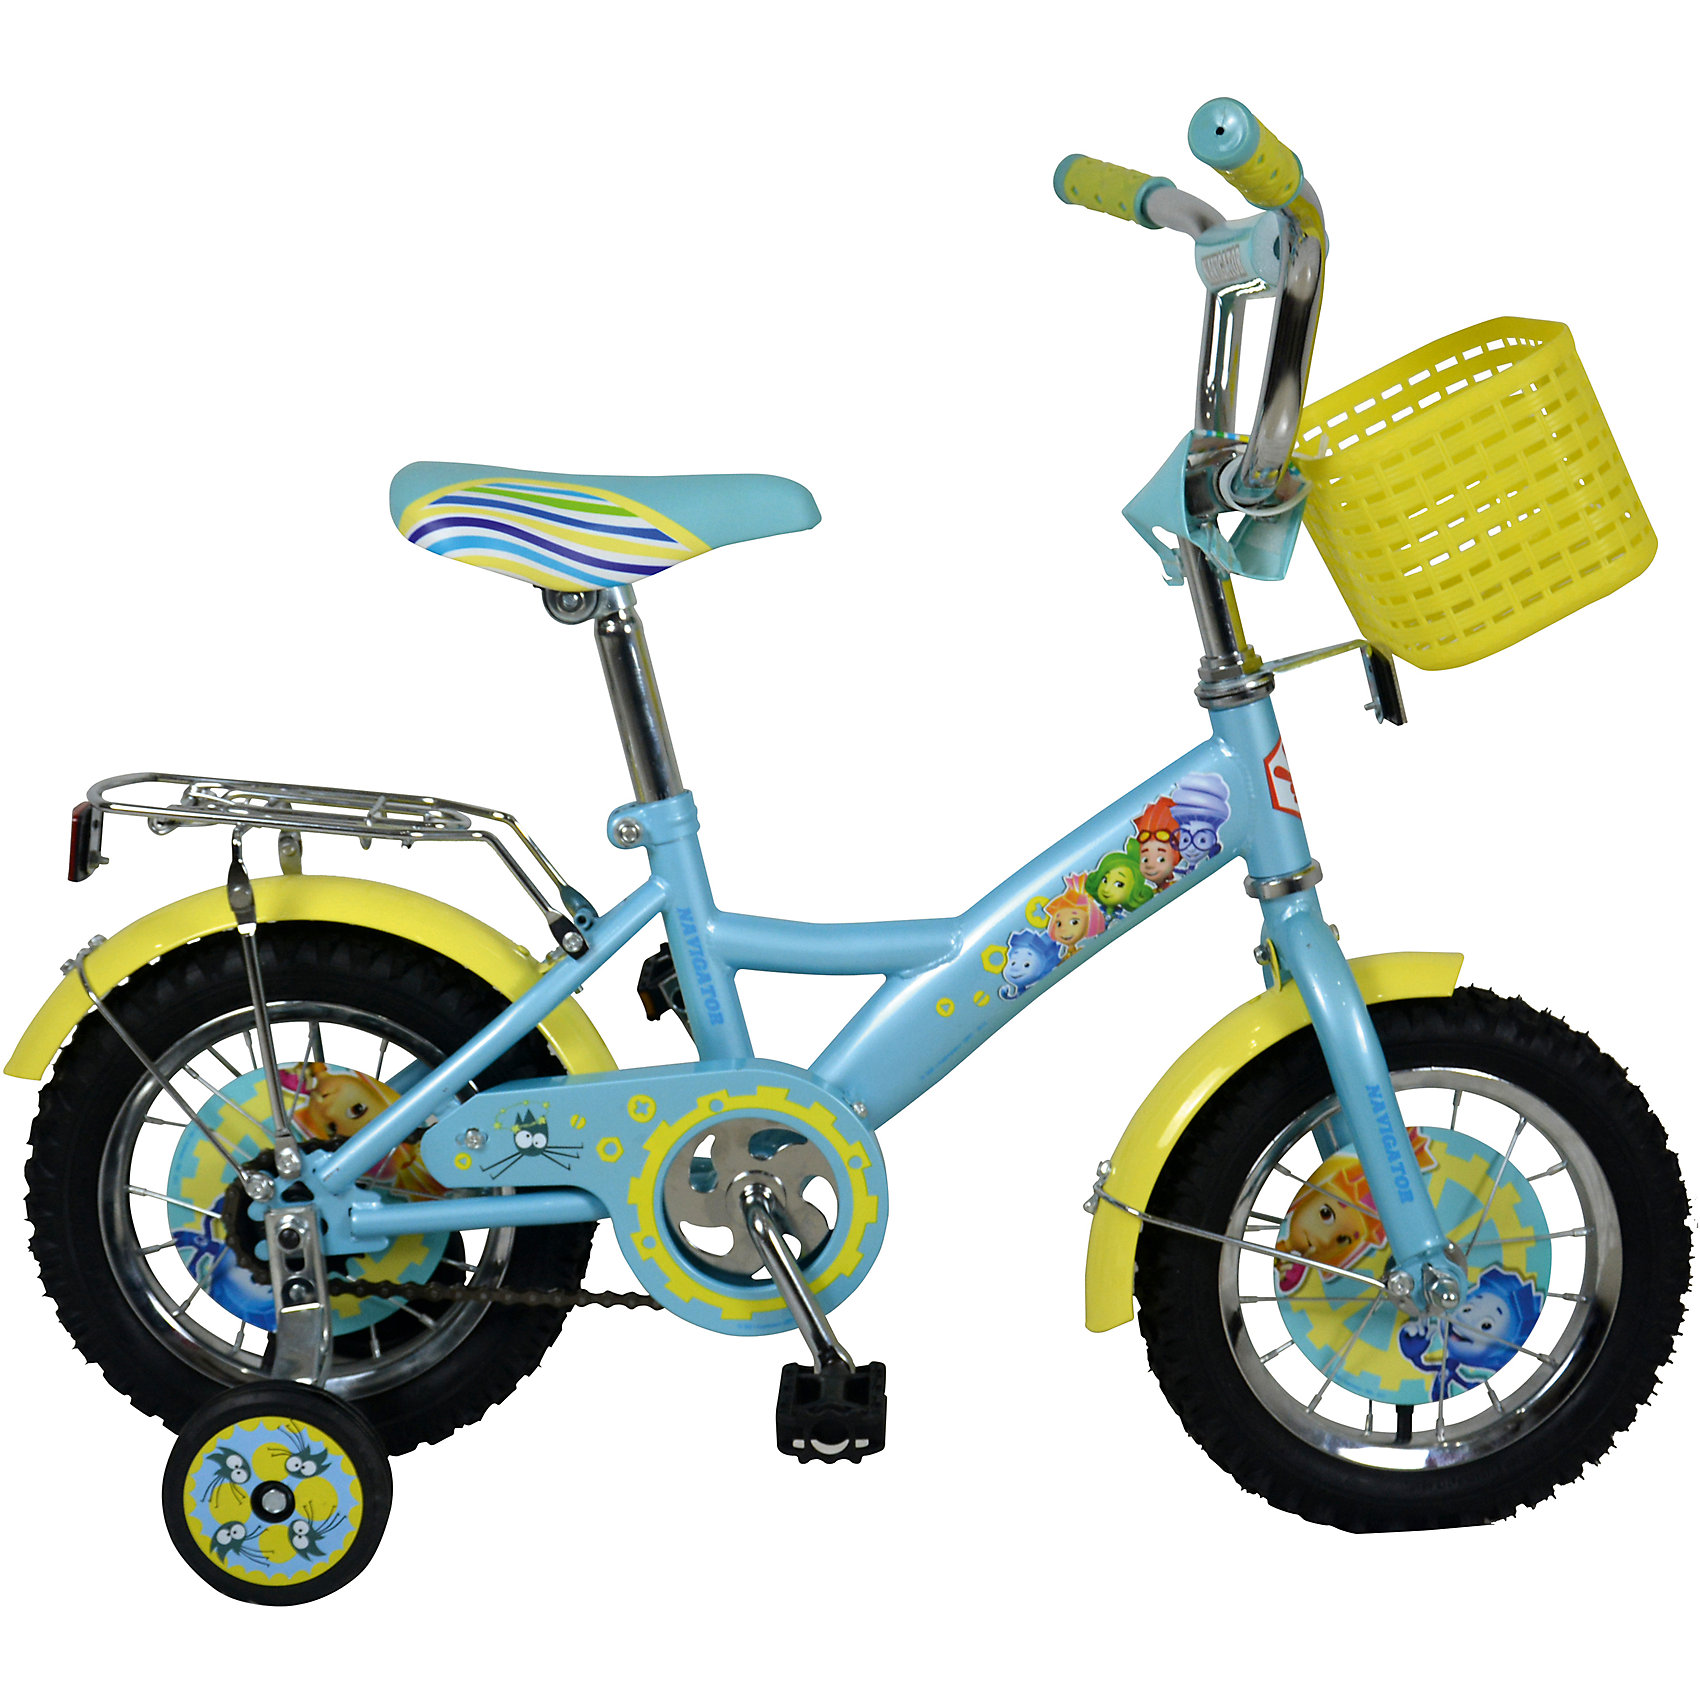 Велосипед Фиксики, NavigatorВелосипед Фиксики, Navigator (Навигатор) – это яркий, стильный, надежный велосипед высокого качества.<br>Детский велосипед Фиксики KITE-тип - это мечта любого ребенка, ведь на нем нарисованы любимые герои мультфильма «Фиксики». Он идеален для тех, кто только учится кататься и не умеет держать равновесие. Жесткая рама велосипеда выполнена из высокопрочного металла. Покрытие рамы устойчиво к царапинам. Высота руля и сиденья легко регулируется в соответствии с возрастом и ростом ребенка. Мягкая накладка на руле обеспечит небольшое смягчение при падении на руль. Колеса оснащены резиновыми шинами, которые хорошо удерживают воздух. Велосипед имеет дополнительные страховочные колеса, защиту цепи, стальные обода для защиты от брызг, удобное сиденье эргономичной формы, пластиковую корзинку на руле, пищалку, задний багажник. Основные колеса декорированы яркими вставками в стиле Фиксики. На ручках руля нескользящие накладки. Катание на велосипеде поможет ребенку укрепить опорно-двигательную и сердечнососудистую системы.<br><br>Дополнительная информация:<br><br>- Возрастная категория: 4 -6 лет<br>- Подходит для детей ростом 95 - 115 см.<br>- Диаметр колёс: 14 дюймов<br>- Односоставной шатун<br>- Ножной тормоз<br>- Материал рамы: сталь<br>- Вес в упаковке: 9,8 кг.<br><br>Велосипед Фиксики, Navigator (Навигатор) можно купить в нашем интернет-магазине.<br><br>Ширина мм: 805<br>Глубина мм: 170<br>Высота мм: 365<br>Вес г: 9800<br>Возраст от месяцев: 48<br>Возраст до месяцев: 120<br>Пол: Унисекс<br>Возраст: Детский<br>SKU: 4655122